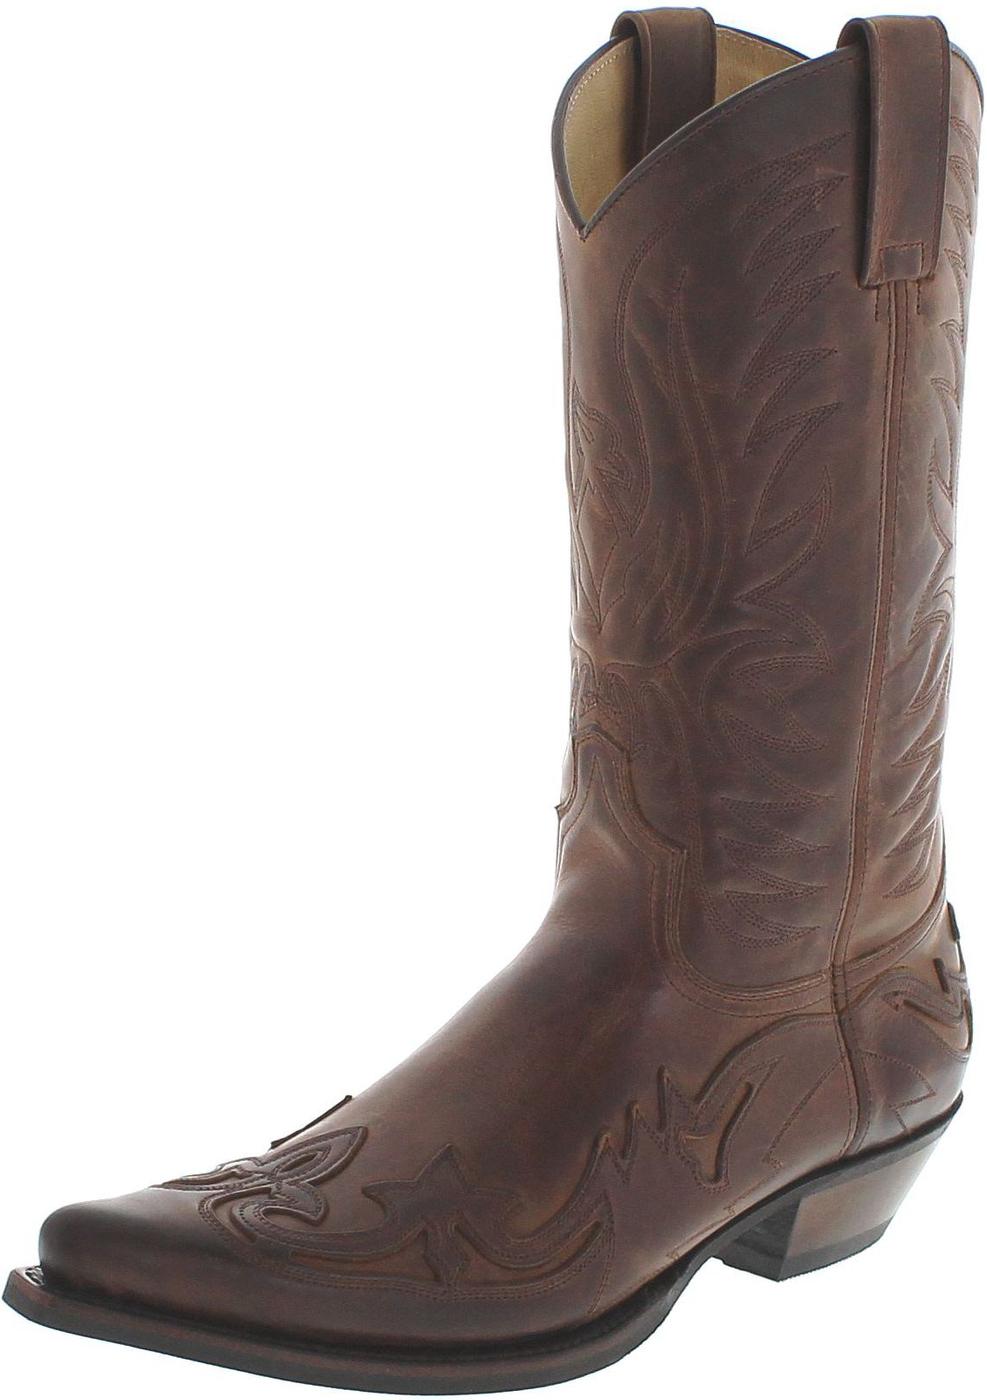 Fashion Boots BU1005 Camello Usado Marron Cowboy boot - brown